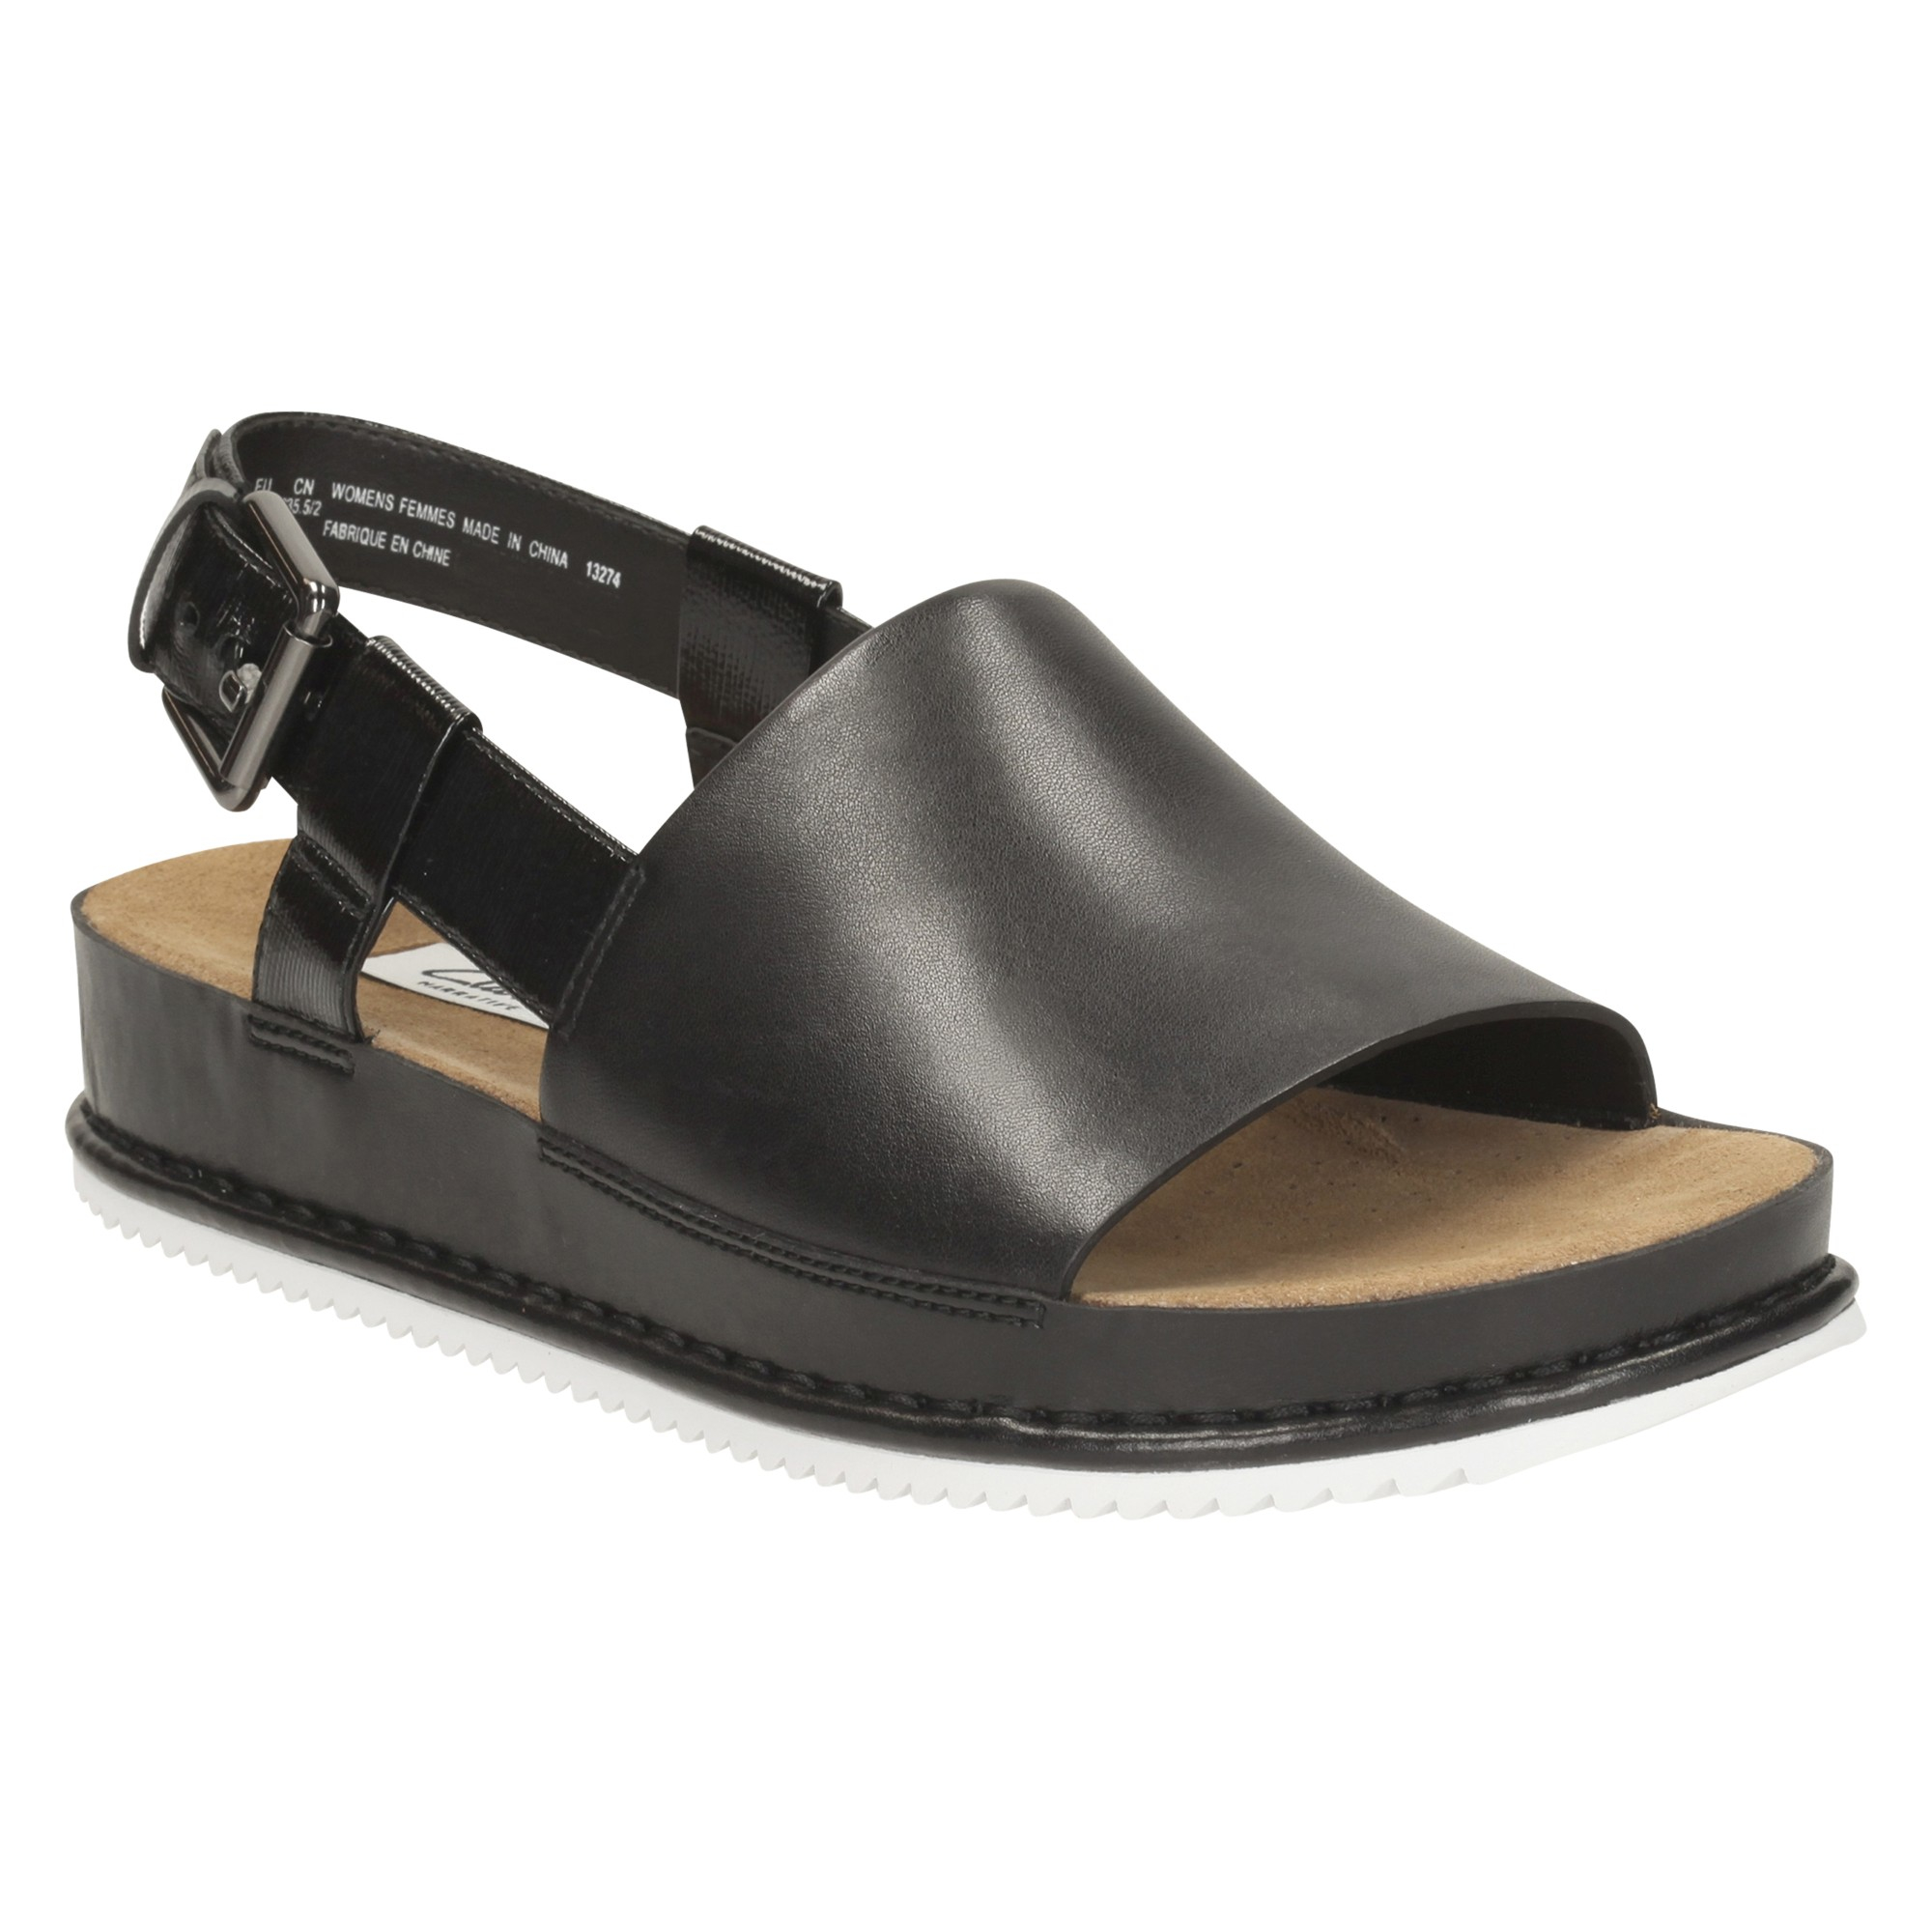 dc45196af044 Clarks Alderlake May Flatform Sandals in Black - Lyst